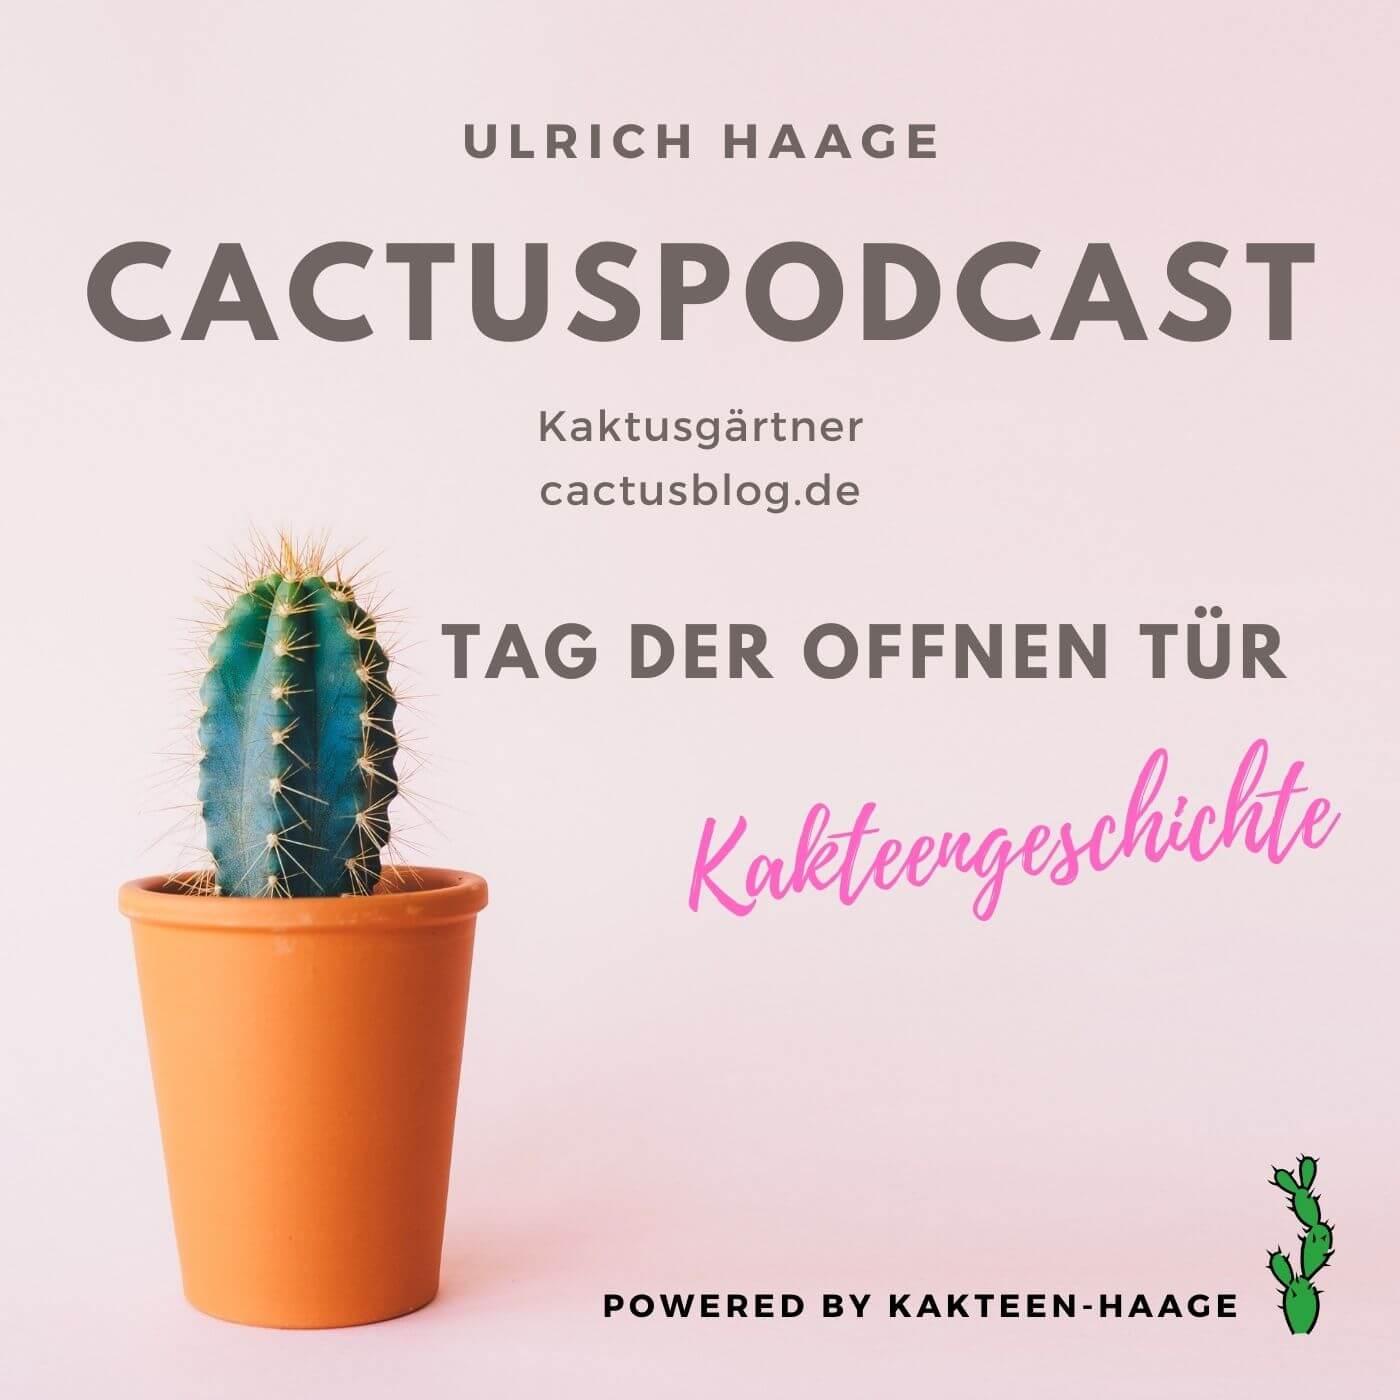 CactusPodcast 027 - Tag der offenen Tür